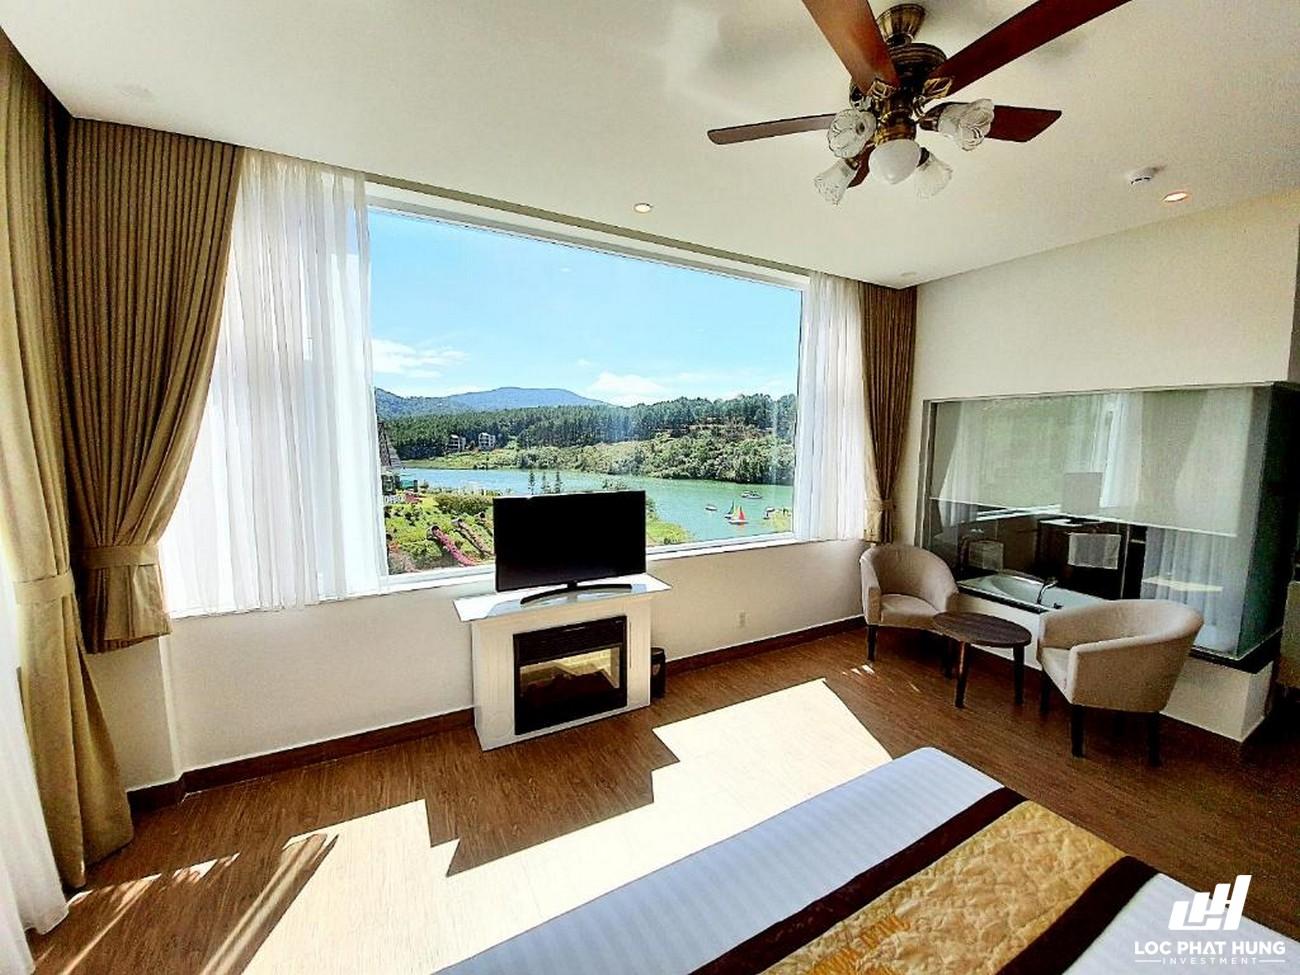 Hạng phòng Premier Resort Dalat Wonder Resort Phường 4 Đường 19 Hoa Hồng